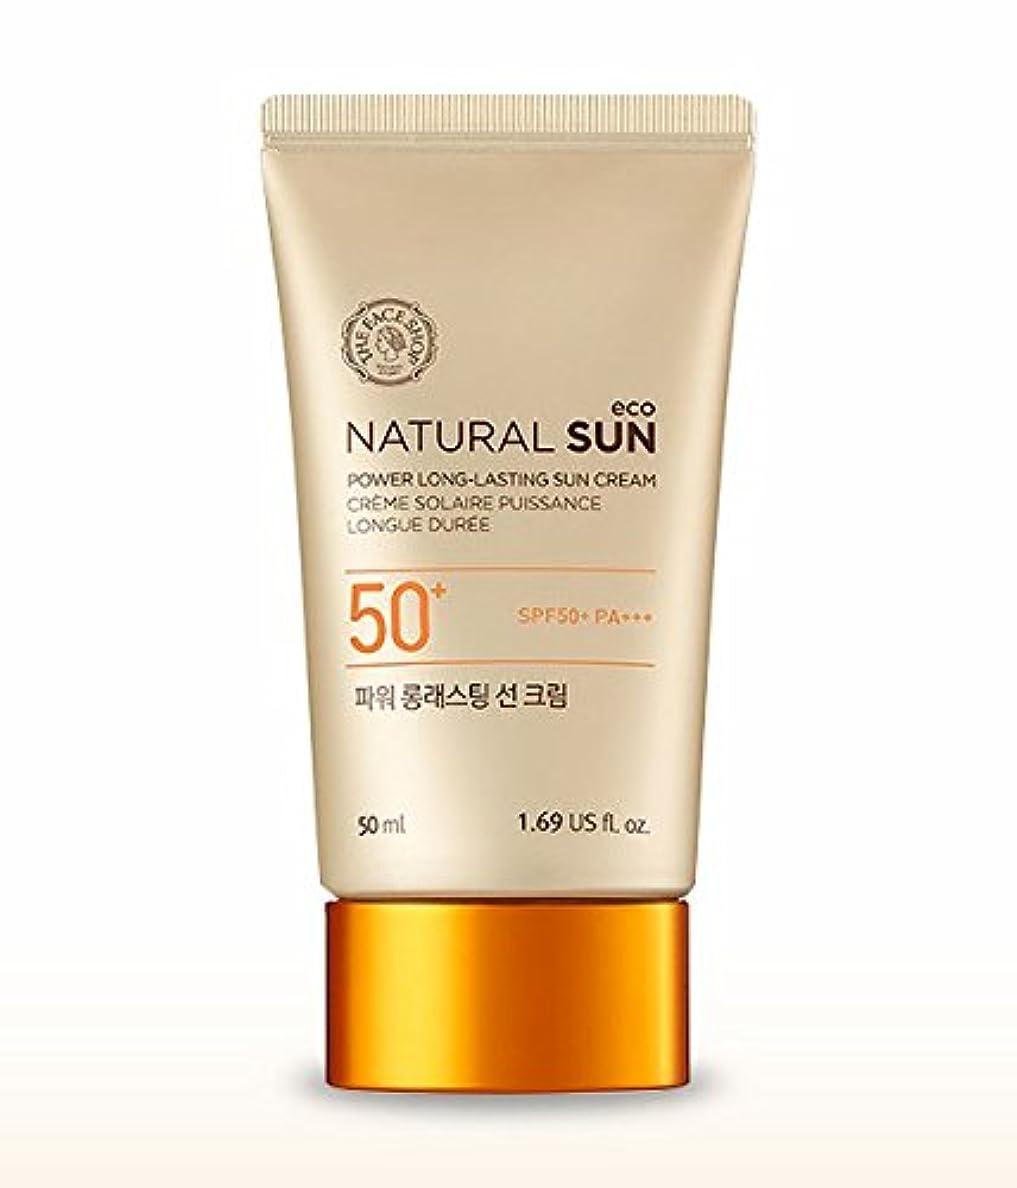 コンテンツパスタターミナルTHE FACE SHOP Natural Sun Eco Power Long Lasting Sun Cream 50mlザフェイスショップ ナチュラルサンパワーロングラスティングサンクリーム [並行輸入品]